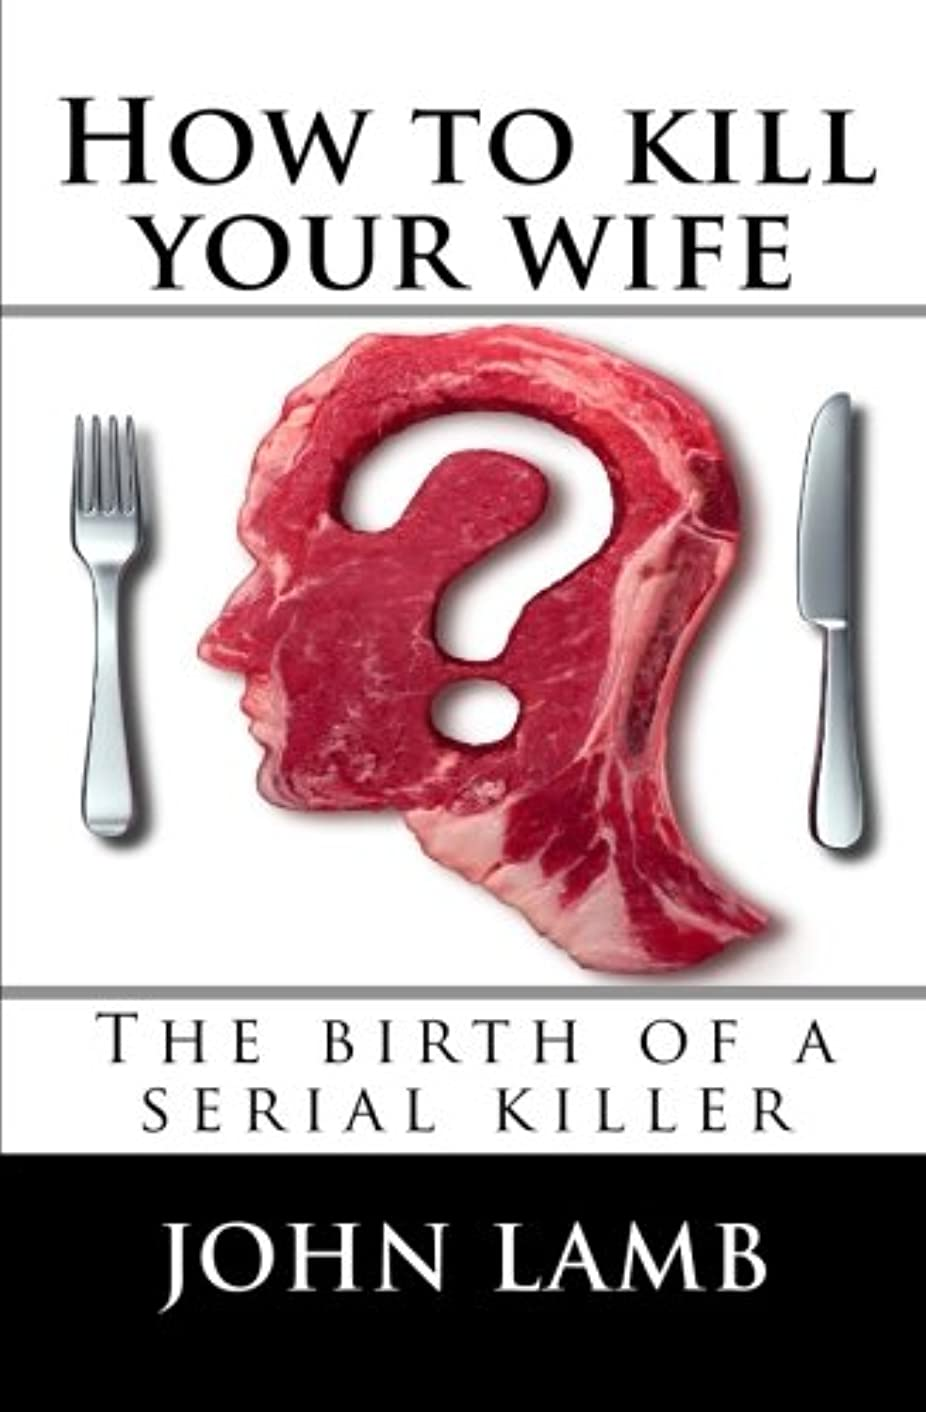 寄付する遺棄された命題How to kill your wife: The birth of a serial killer